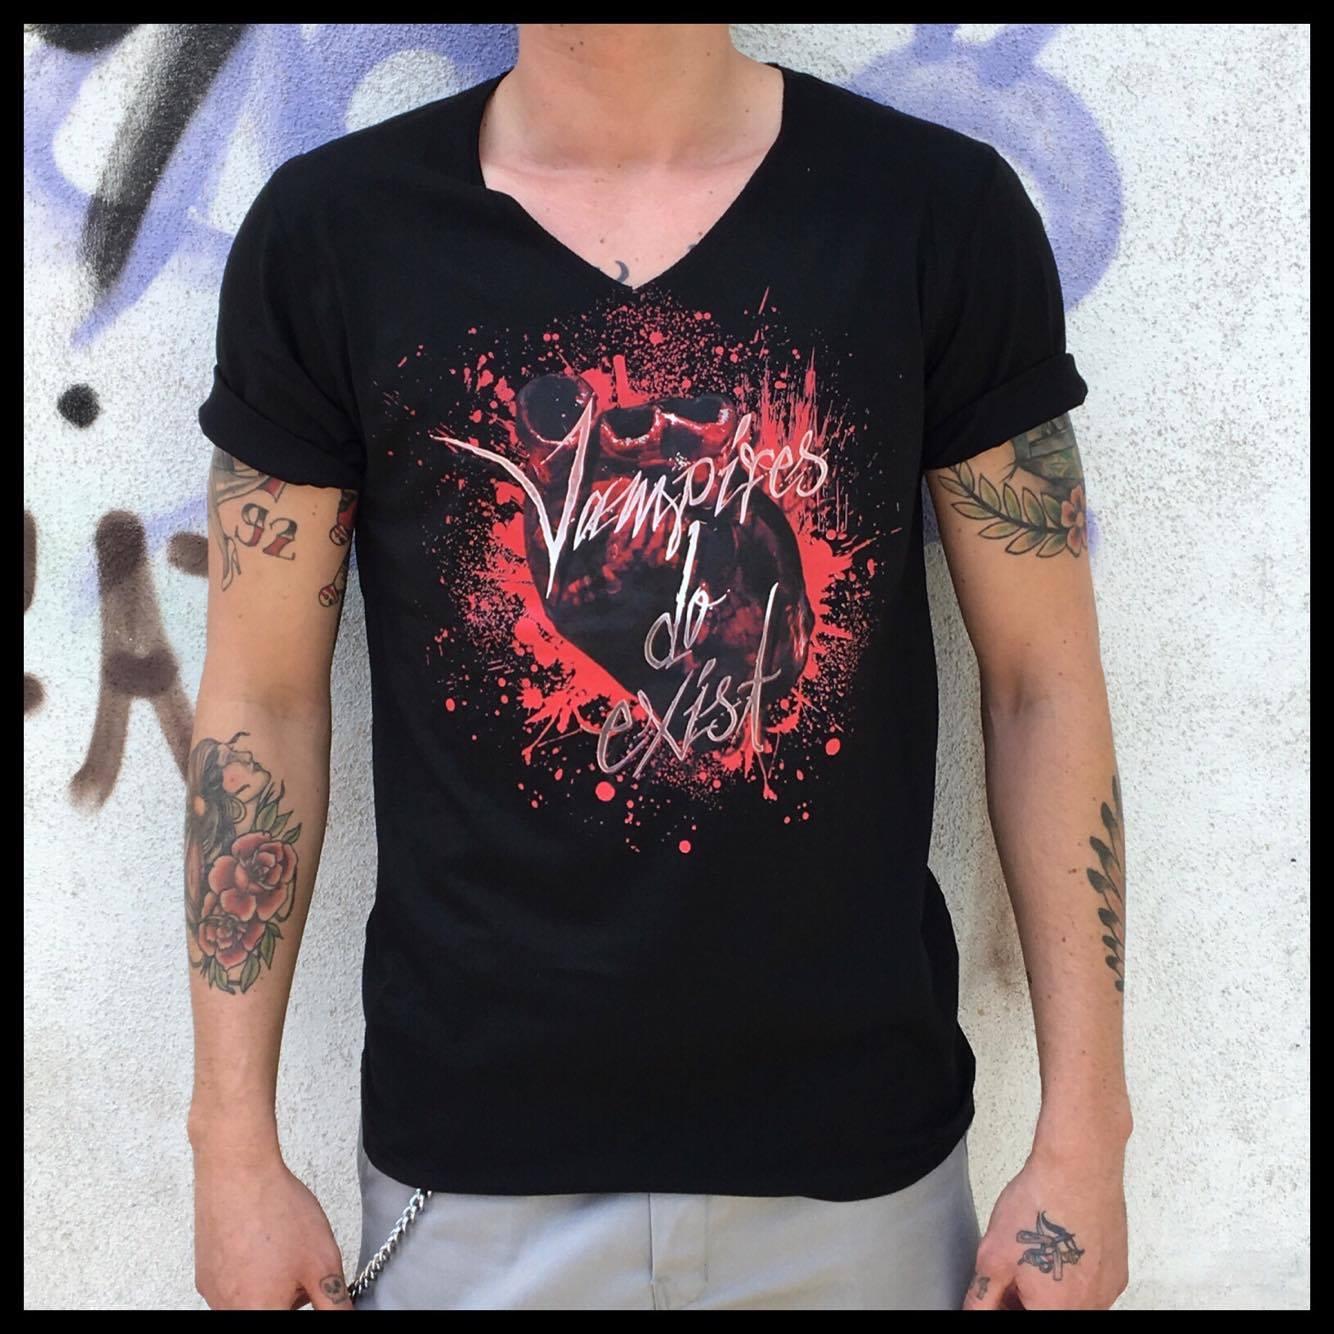 Vampire Shirt Men V Neck S / M/ L / XL / XXL - Preis 20 € nur auf Vorbestellung möglich, Rundhals auf Anfrage